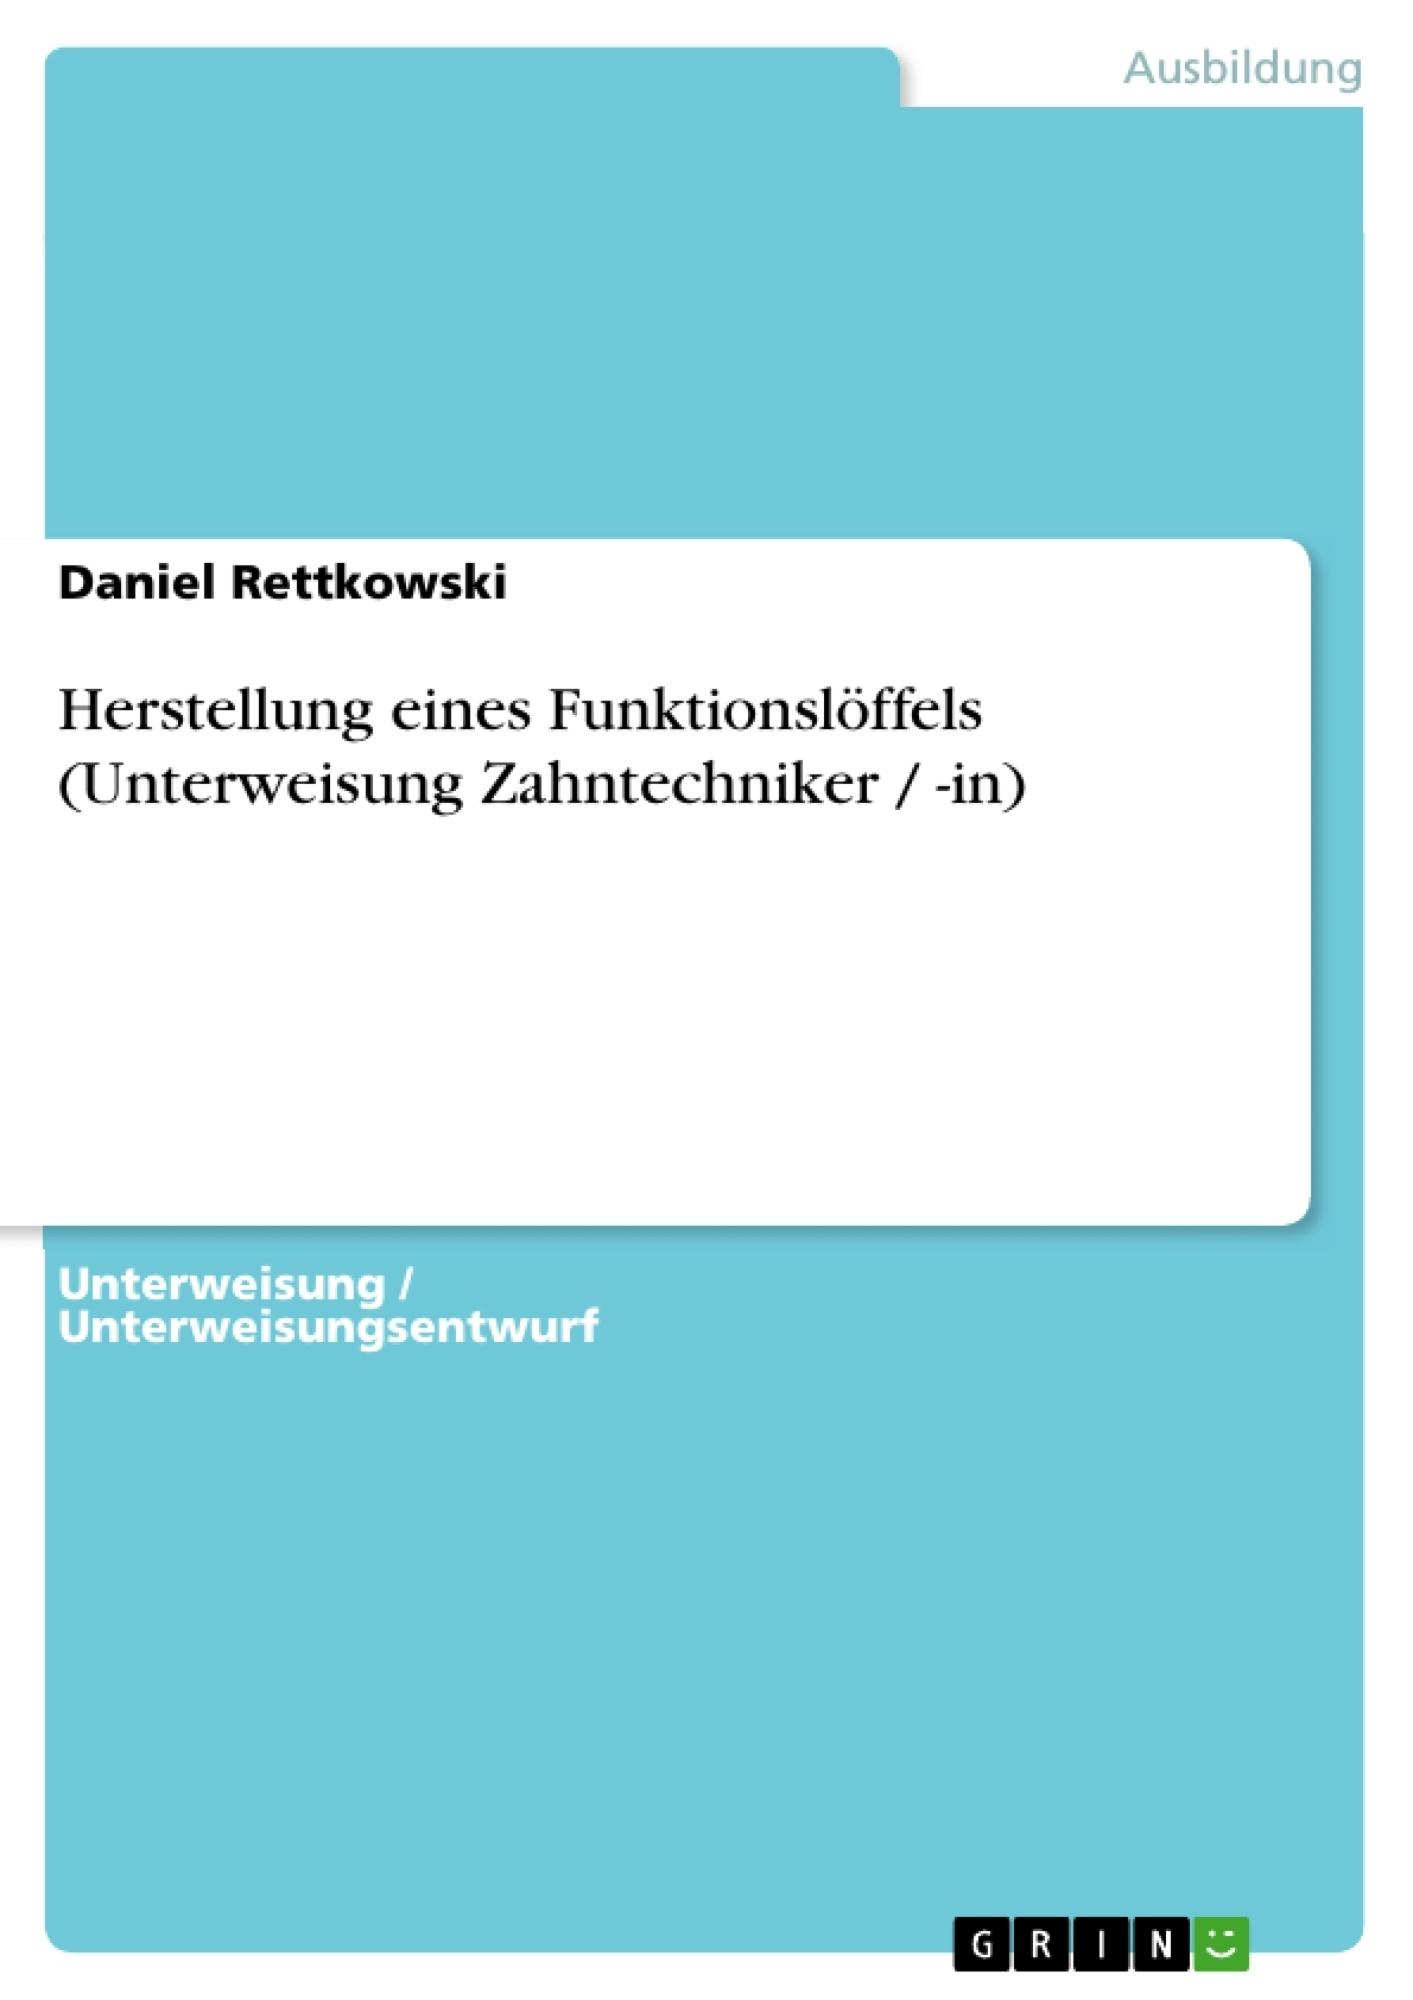 Titel: Herstellung eines Funktionslöffels (Unterweisung Zahntechniker / -in)